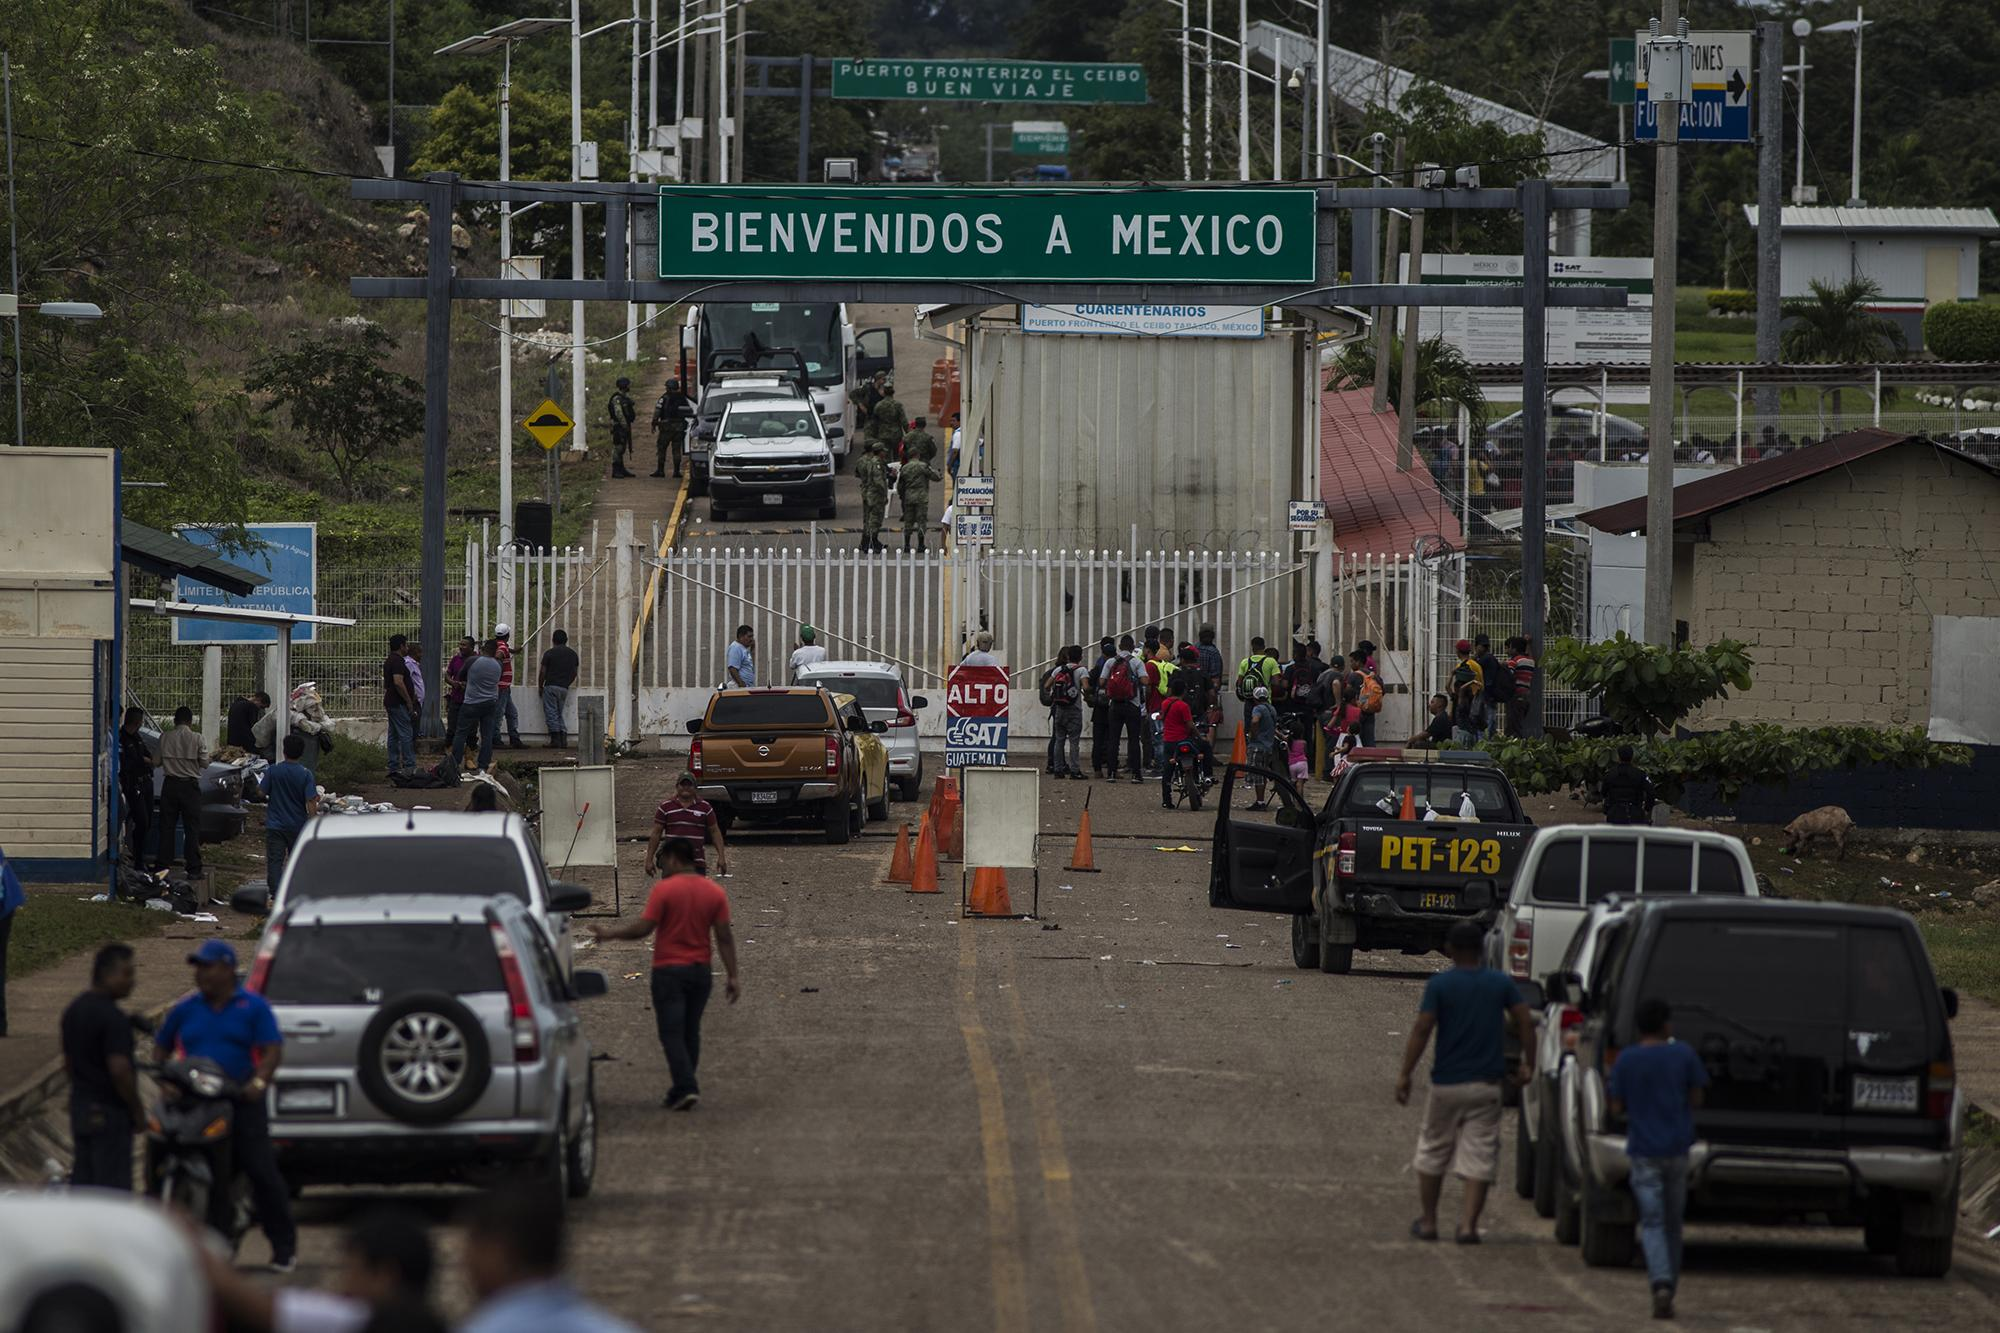 Minutos después de que la caravana ingresara a México la calle principal de El Ceibo volvió a la normalidad, a la rutina vacía de una frontera remota. Víctor Peña